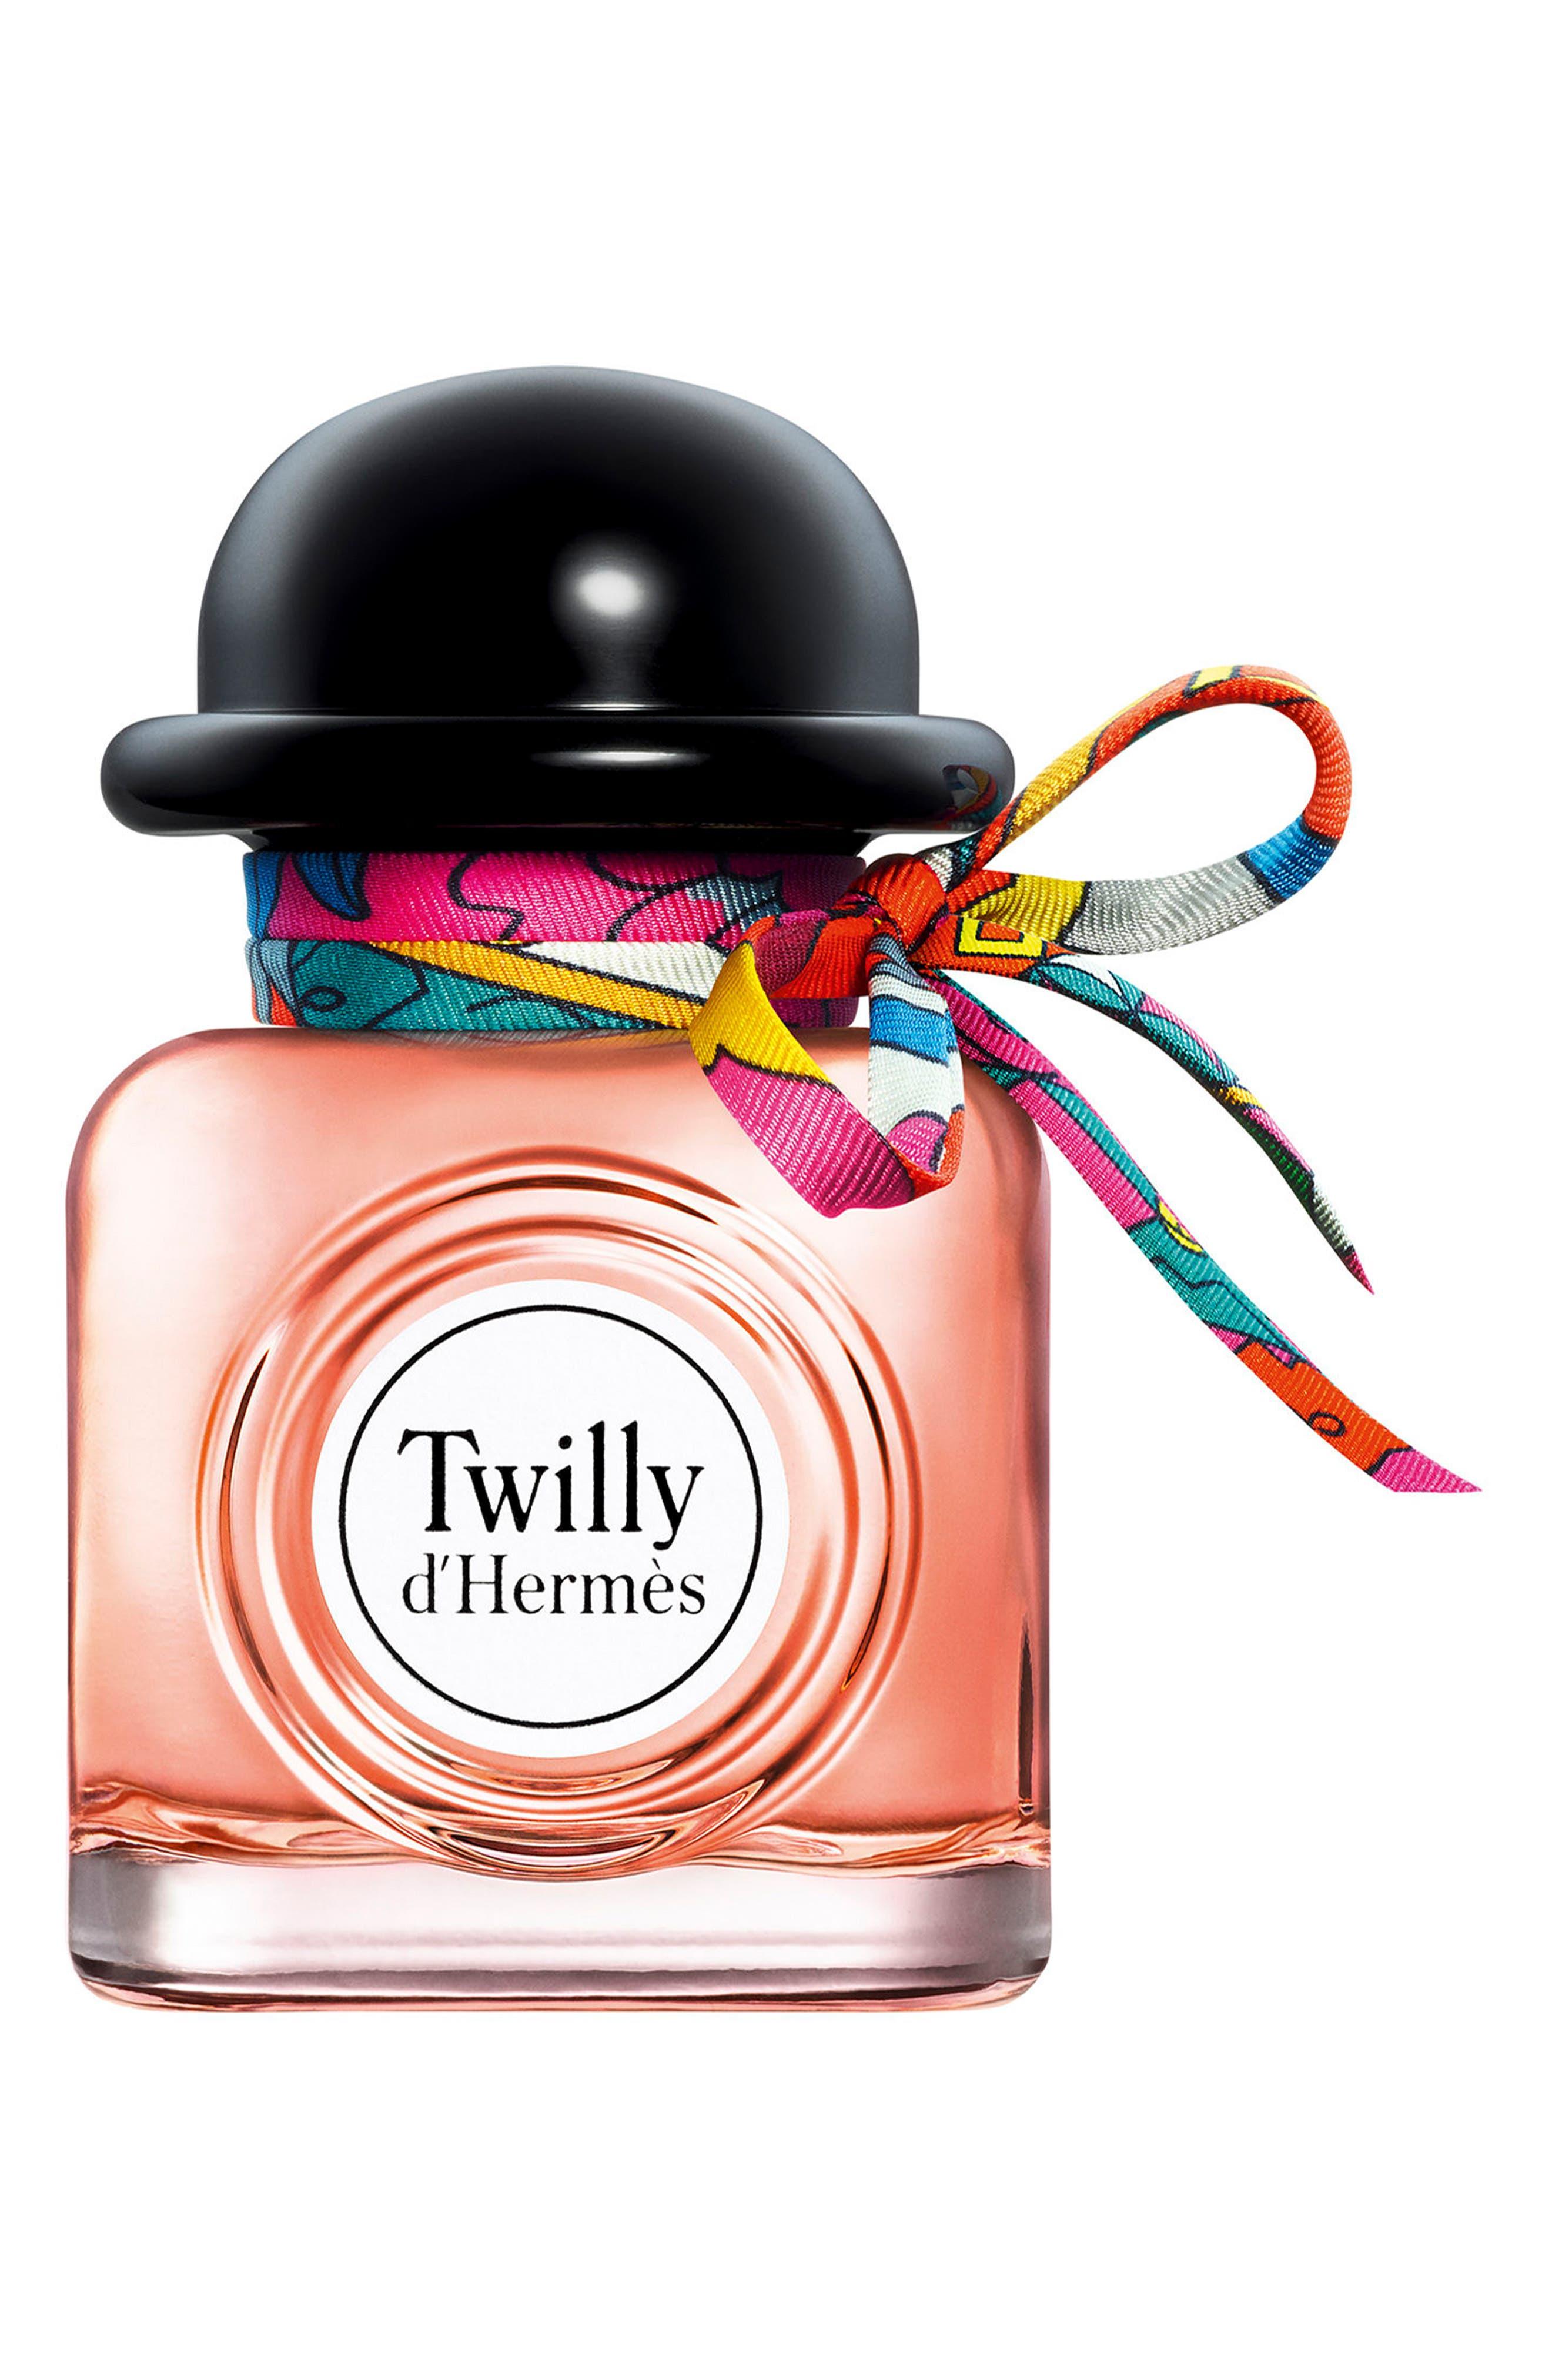 HERMÈS,                             Twilly d'Hermès Eau de Parfum,                             Main thumbnail 1, color,                             NO COLOR